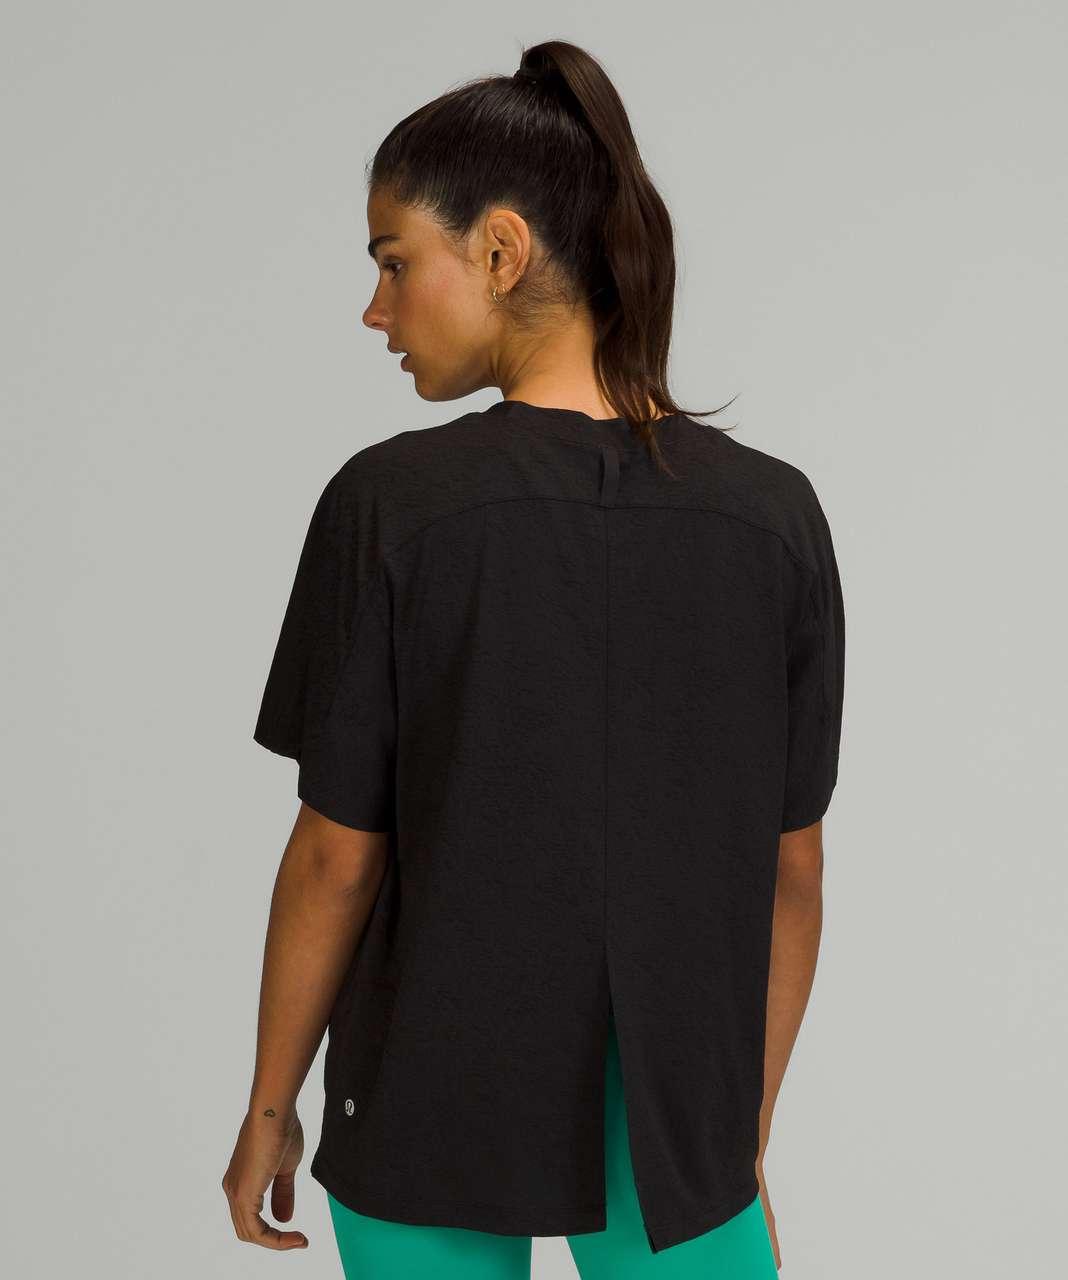 Lululemon Crew Neck Training T-Shirt - Black